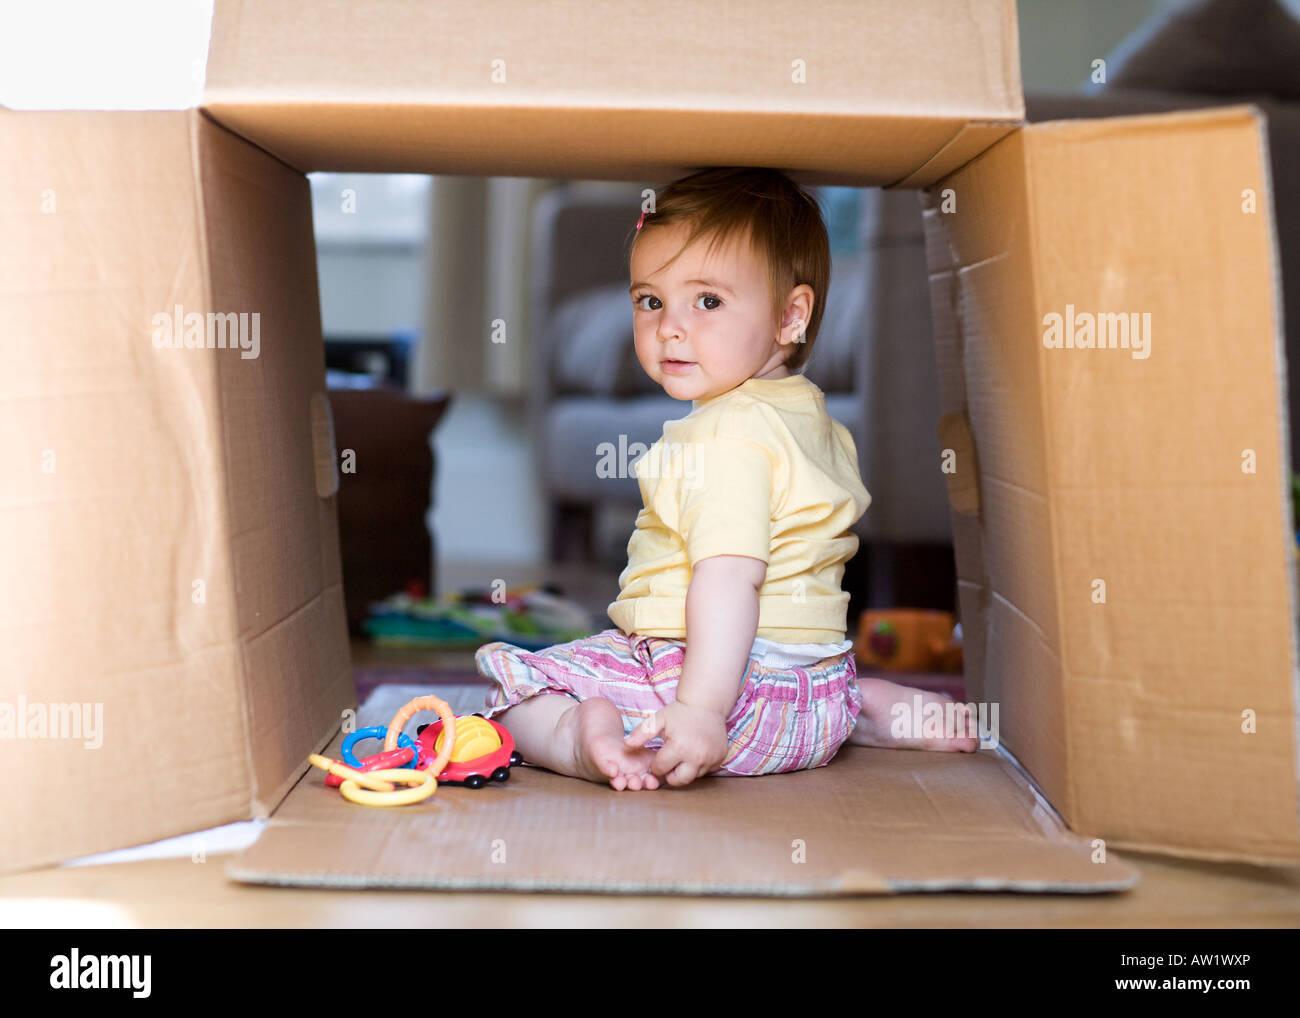 11 monate altes baby m dchen spielt in einem karton stockfoto bild 16438221 alamy. Black Bedroom Furniture Sets. Home Design Ideas